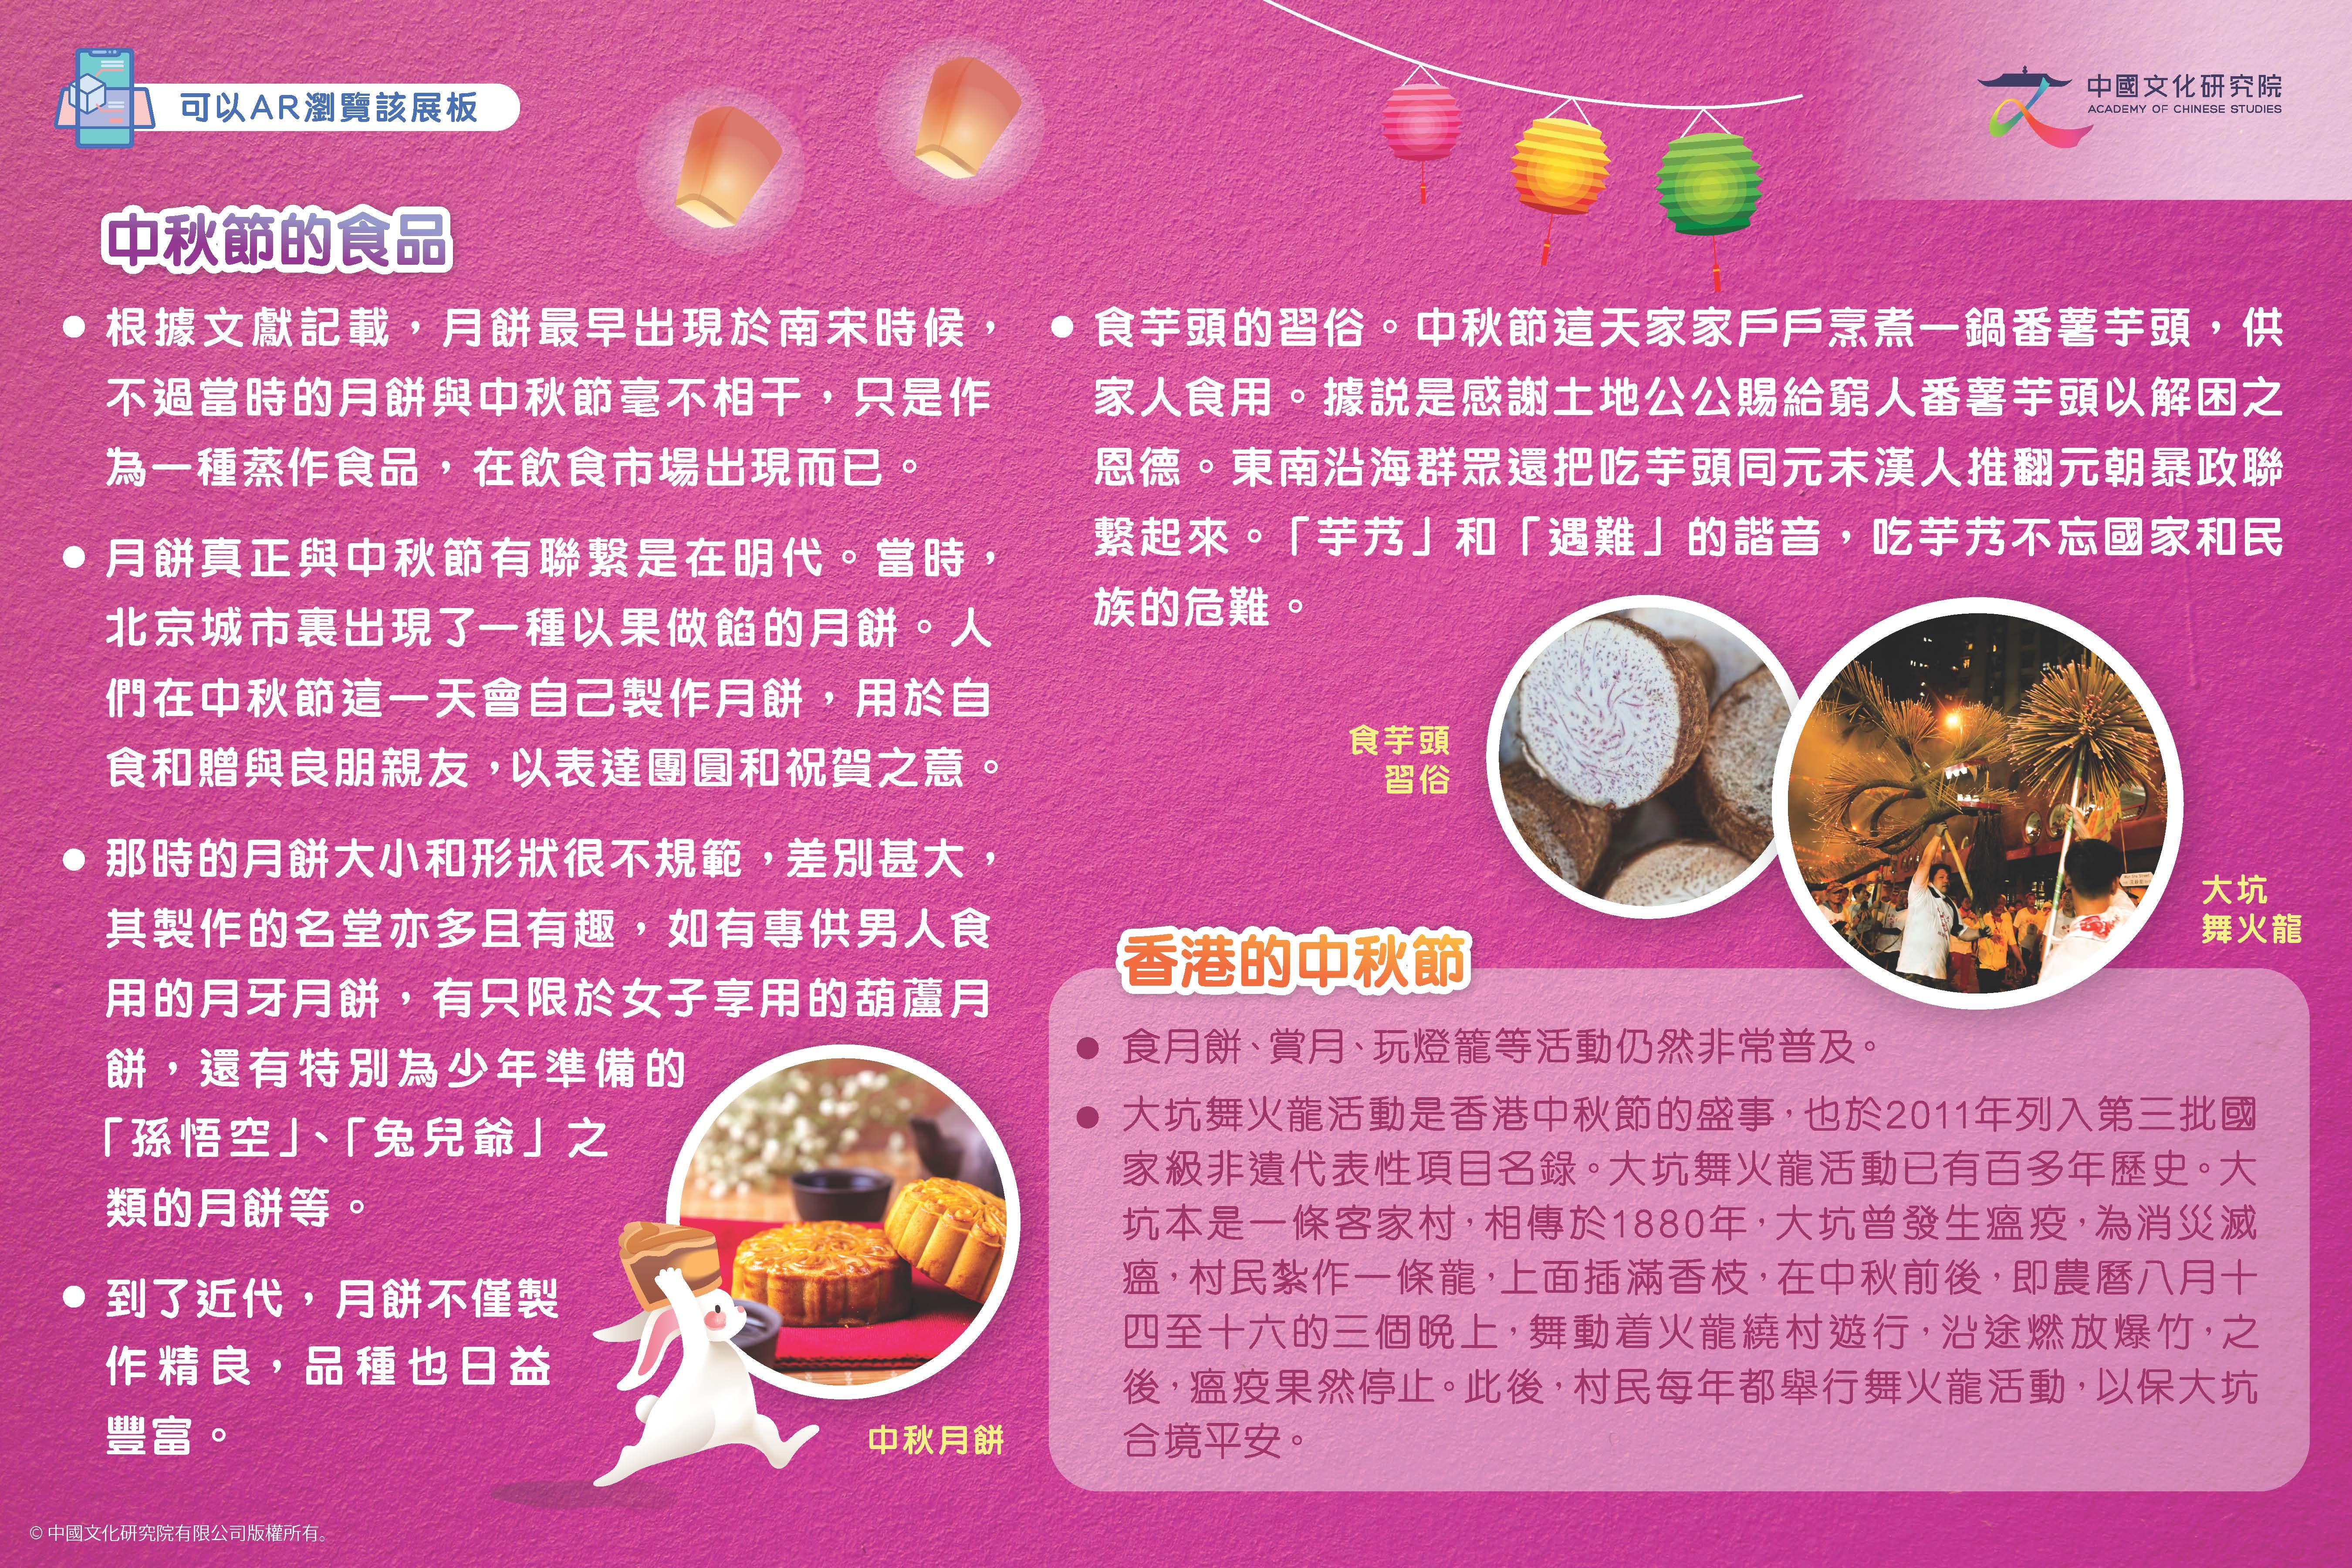 acs_school_2020_foamboard_sepr_zhongqiu_v12_deb_0911_page_1